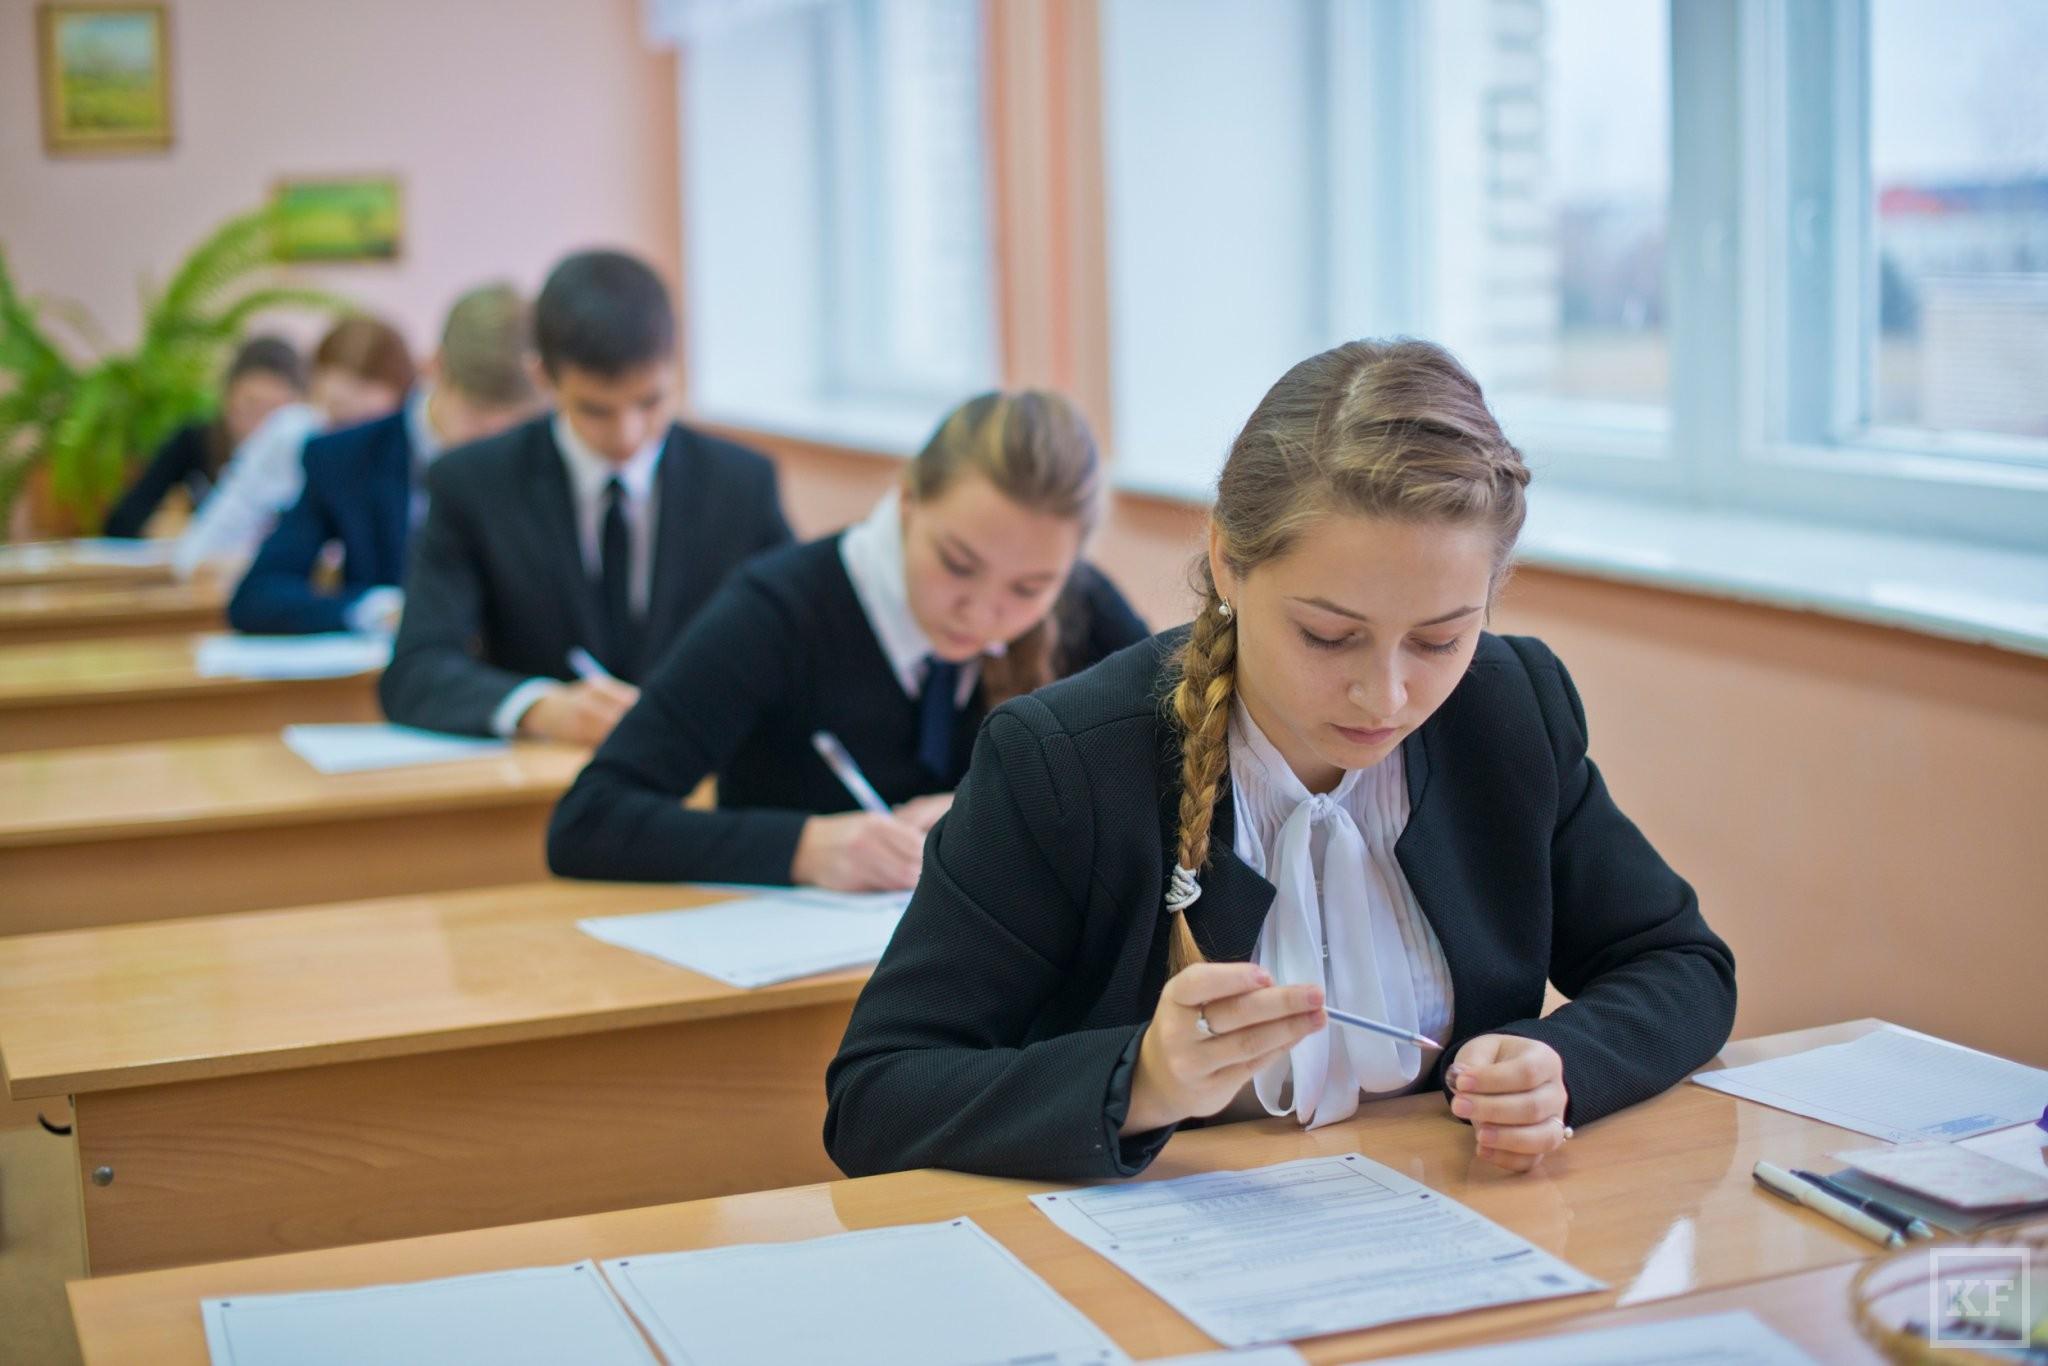 ЕГЭ для выпускников белорусских школ должно проходить в Беларуси